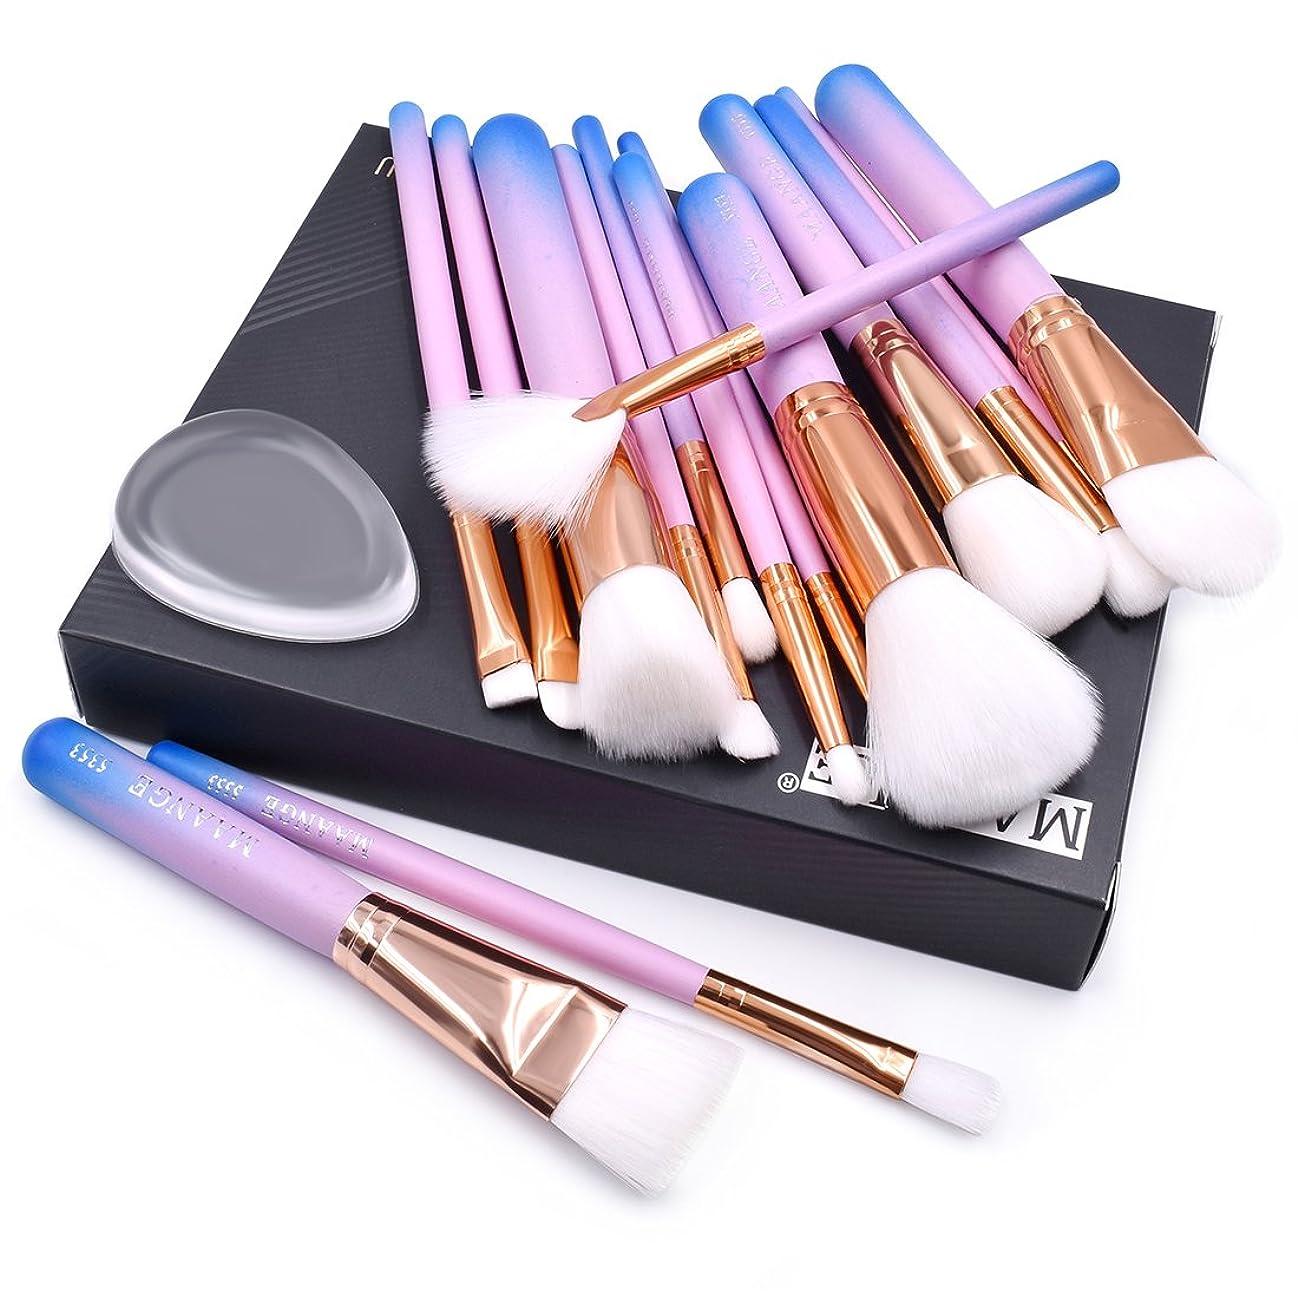 Maange メイクブラシ 化粧筆 15セット シリコンパフ付き 高級タクロン ピンク フェイスブラシ プロ メイクアップブラシ メイクアップブラシセット (pink)